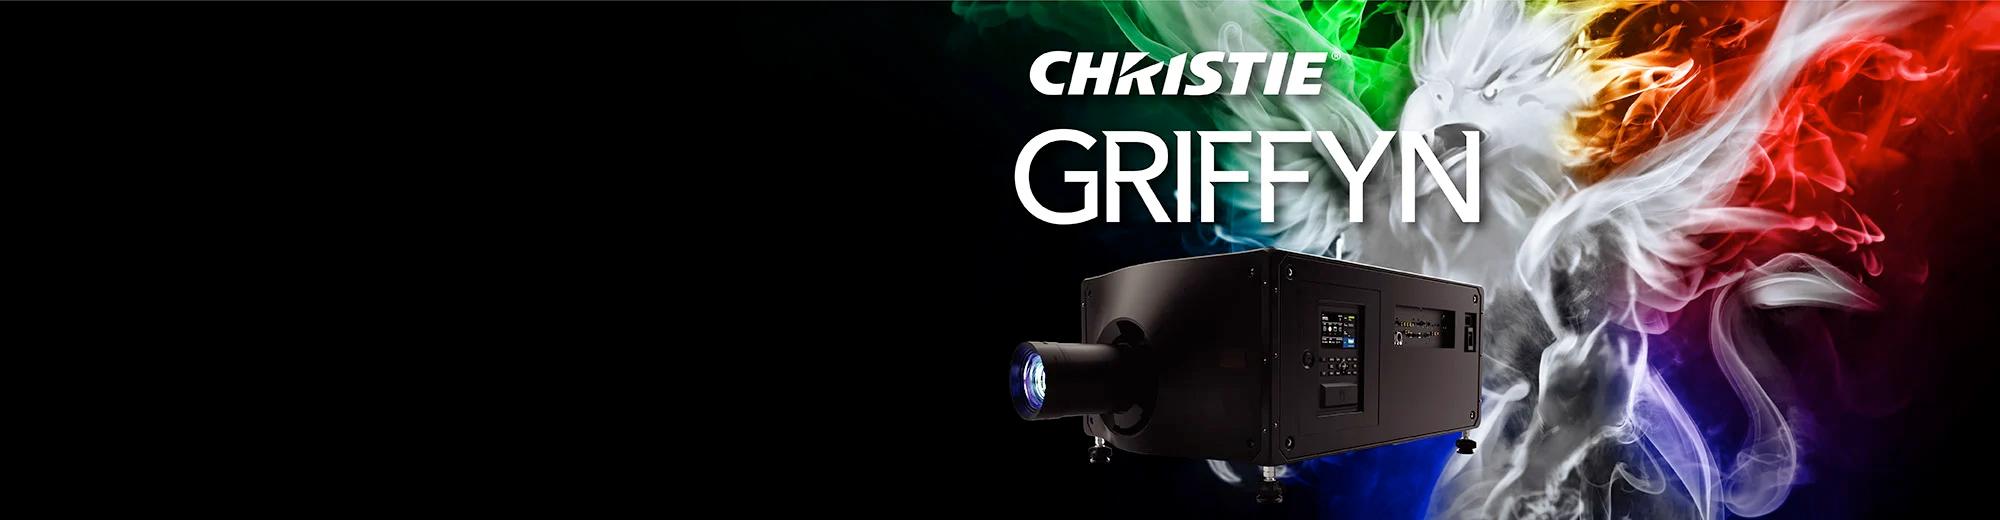 Christie Griffyn 4K32-RGB webbanner